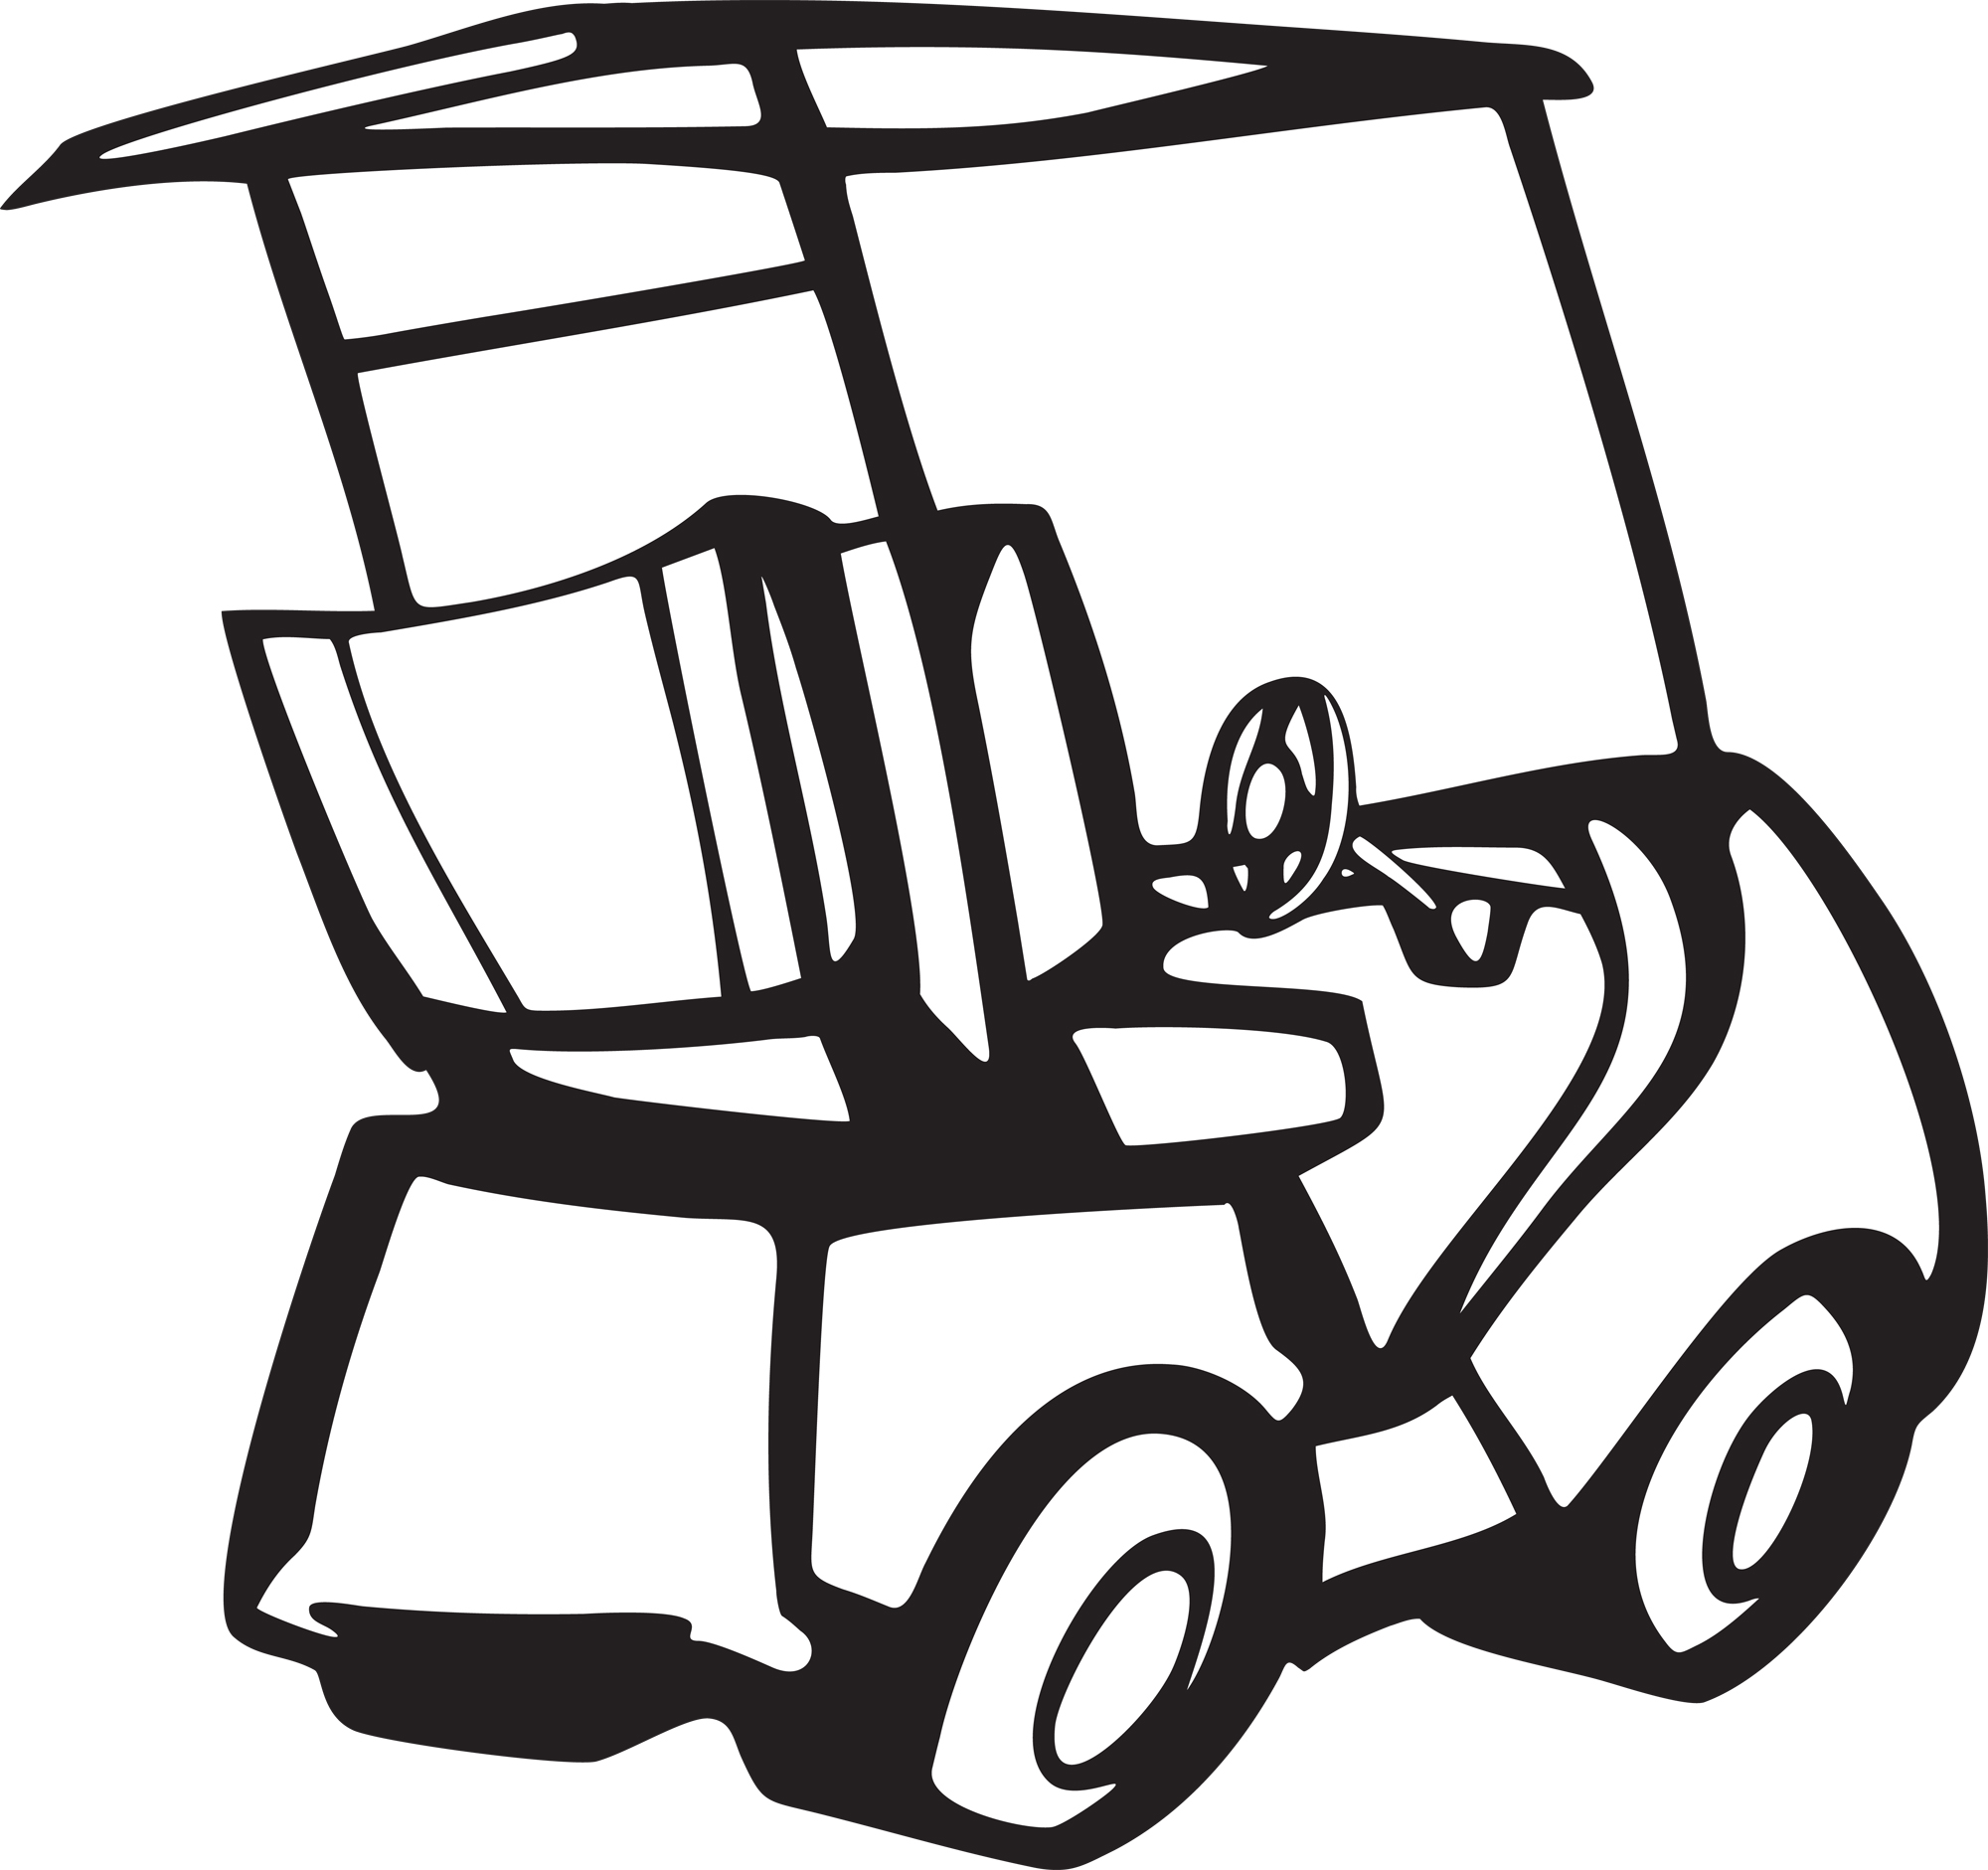 2000x1881 Golf Course Clipart Golf Cart